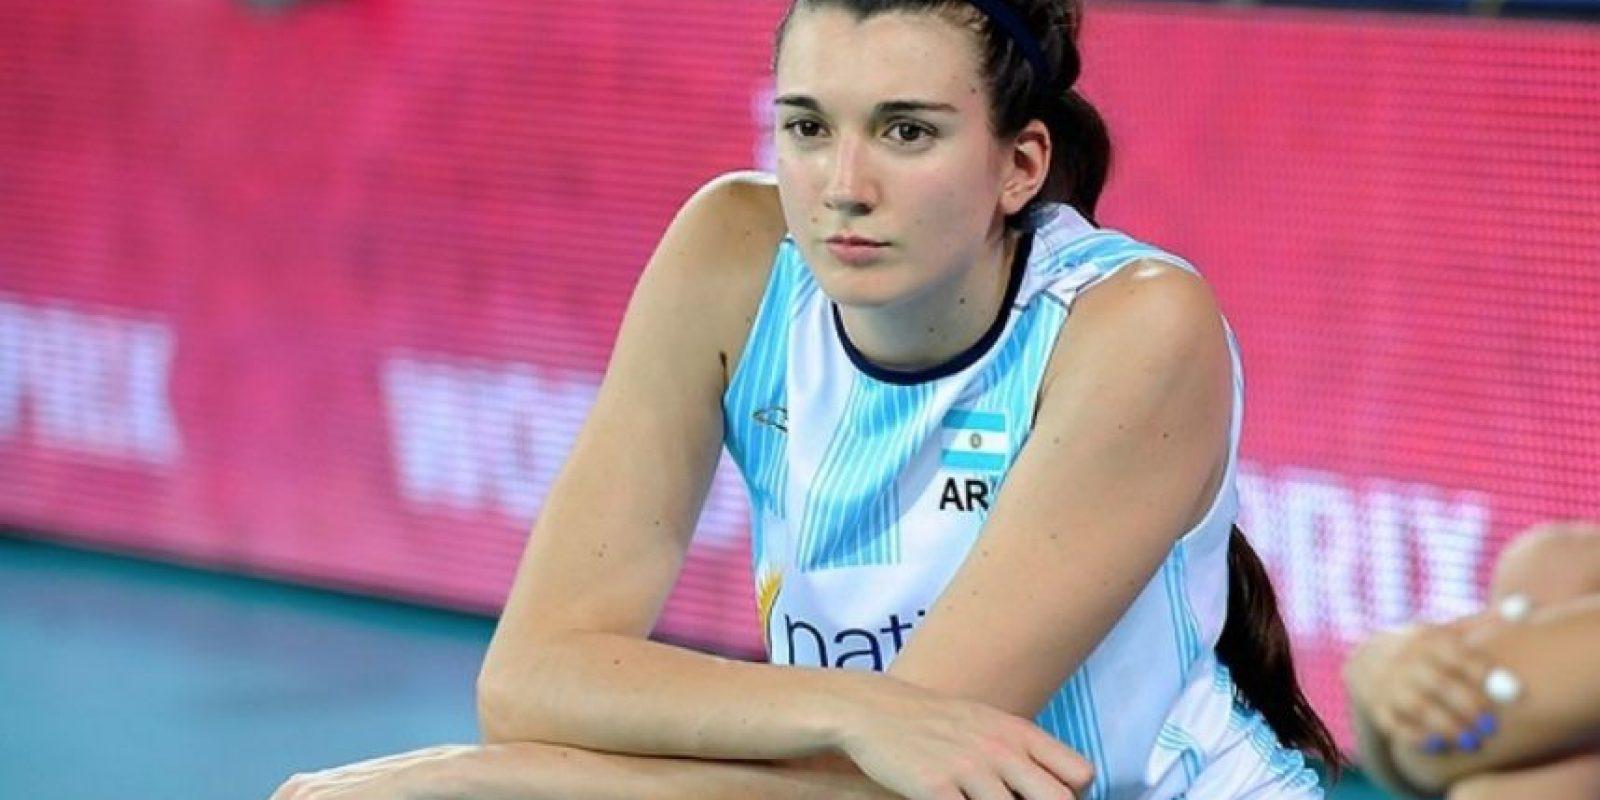 La argentina de 29 años juega en Grecia Foto:Vía twitter.com/letiboscacci